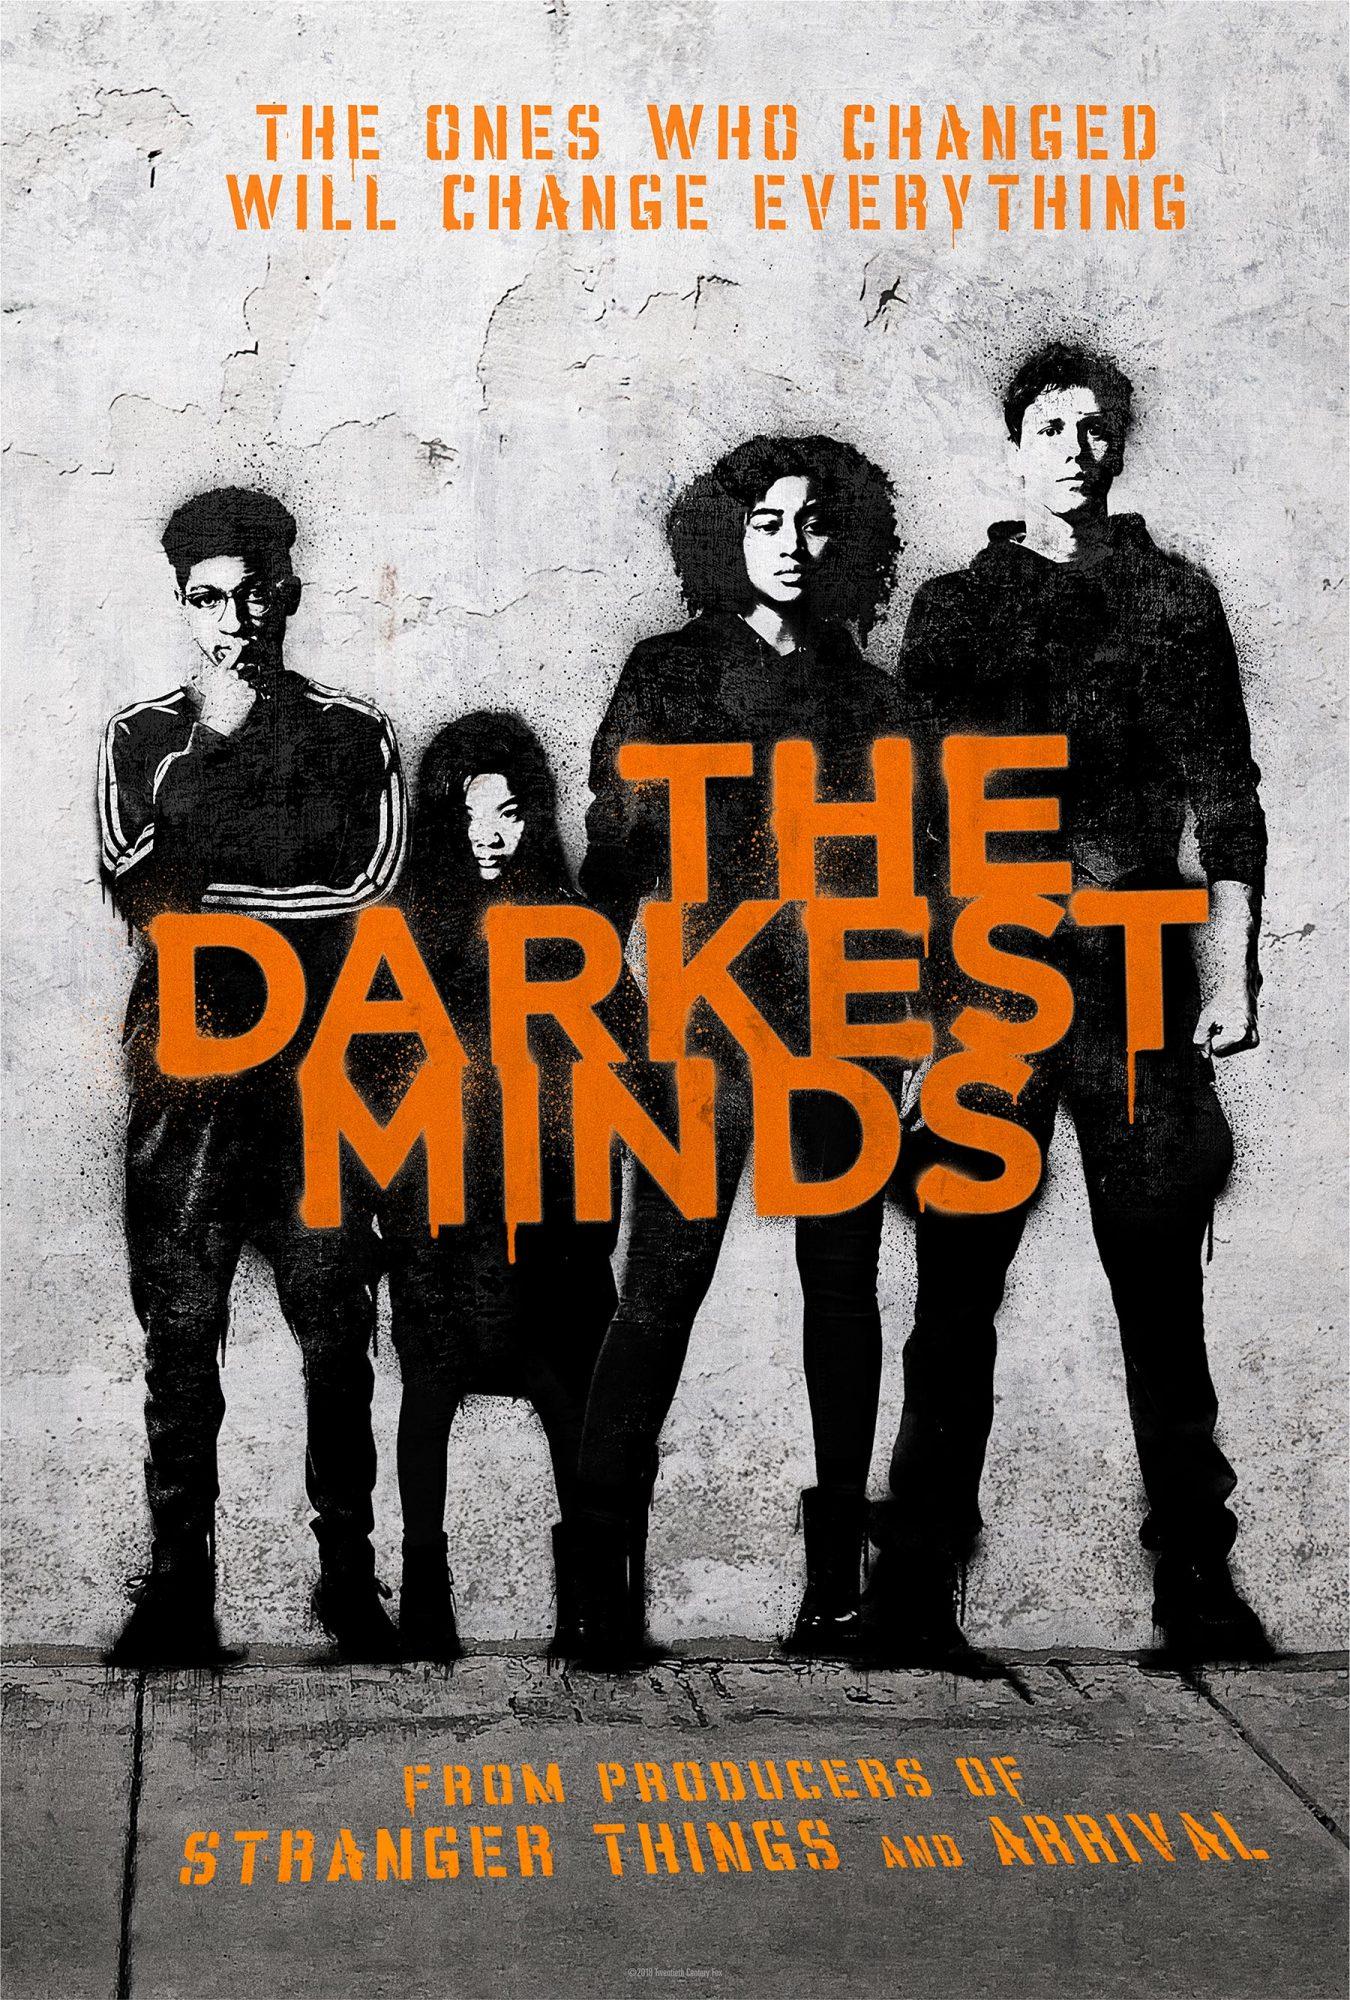 THE-DARKEST-MINDS_-Onesheet